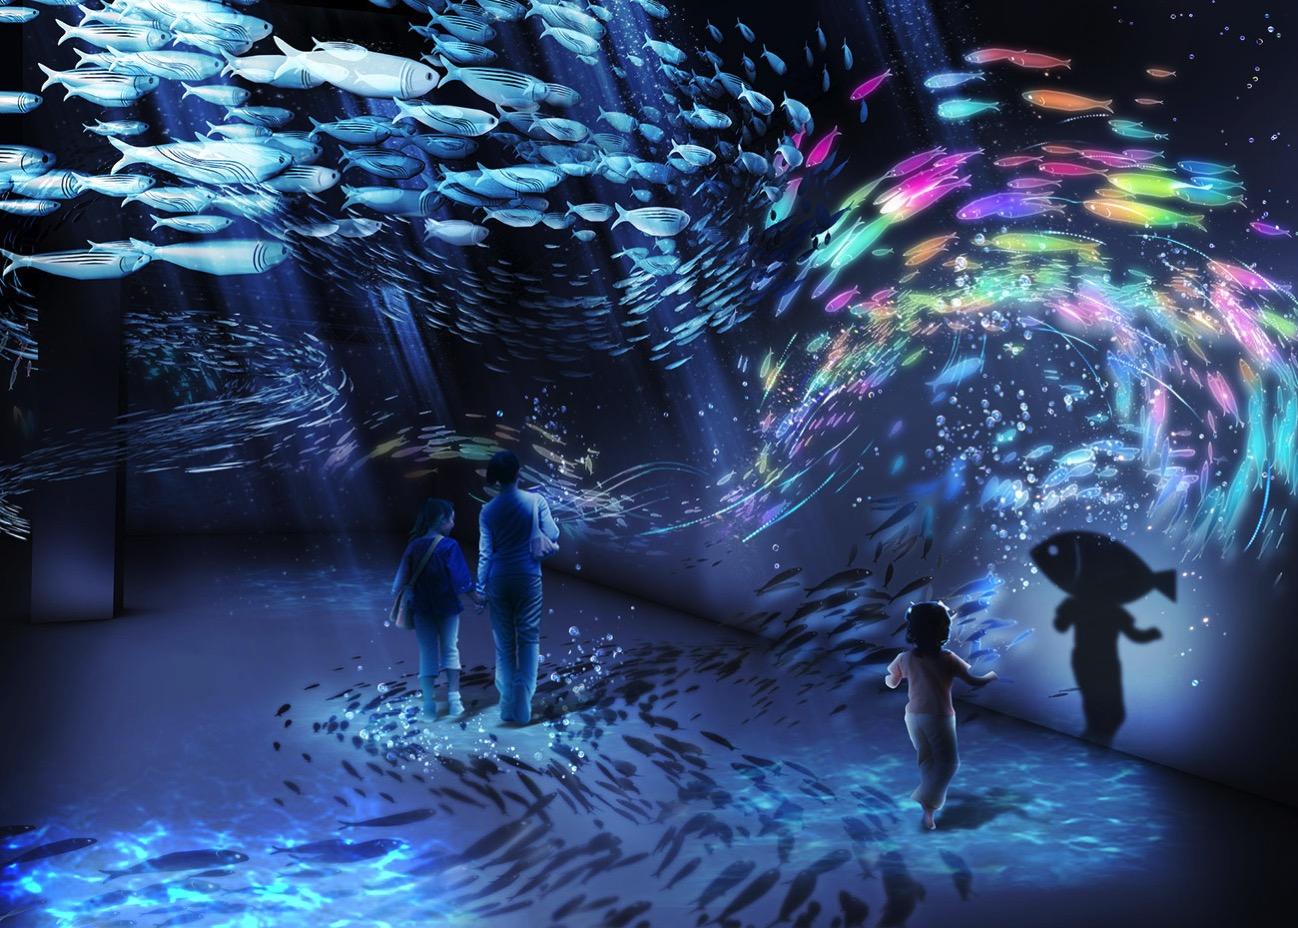 オーシャン バイ ネイキッド 光の深海展